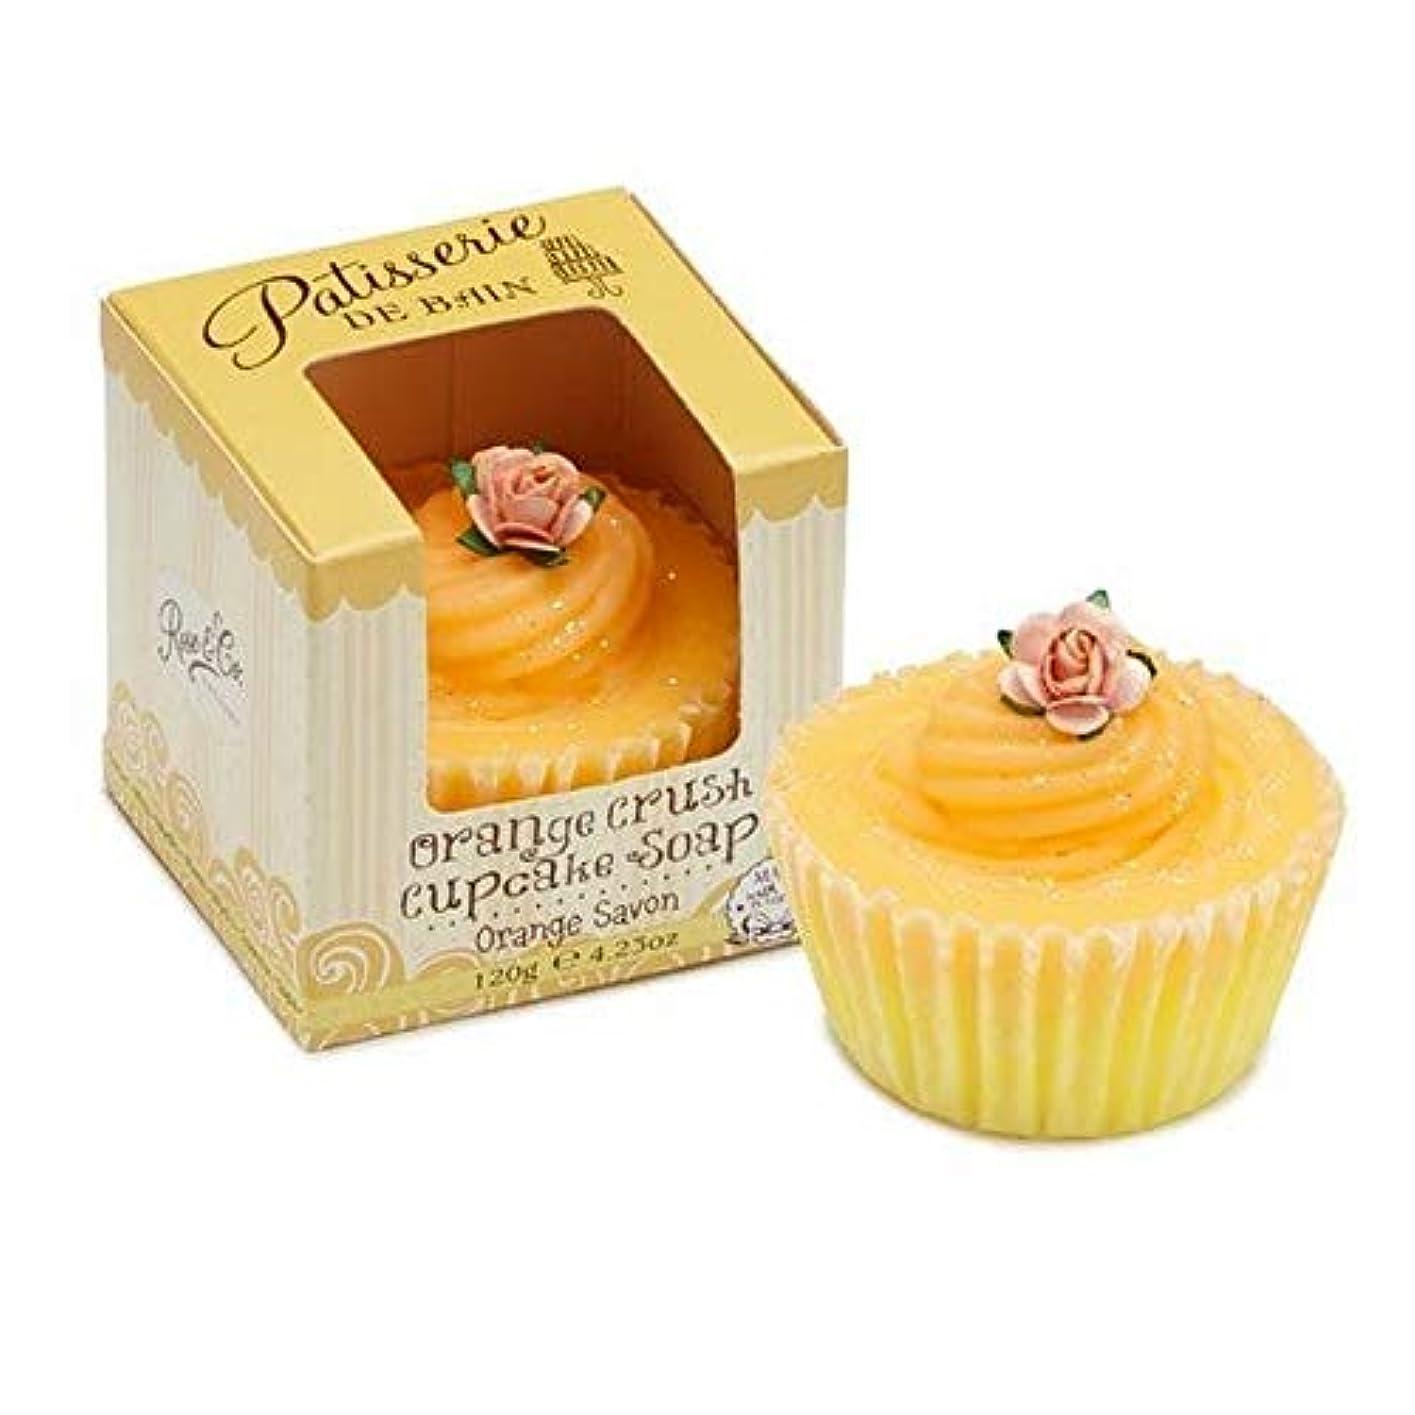 ドレスくちばし出席[Patisserie de Bain ] パティスリー?ド?ベインオレンジクラッシュカップケーキソープ120グラム - Patisserie de Bain Orange Crush Cupcake soap 120g...